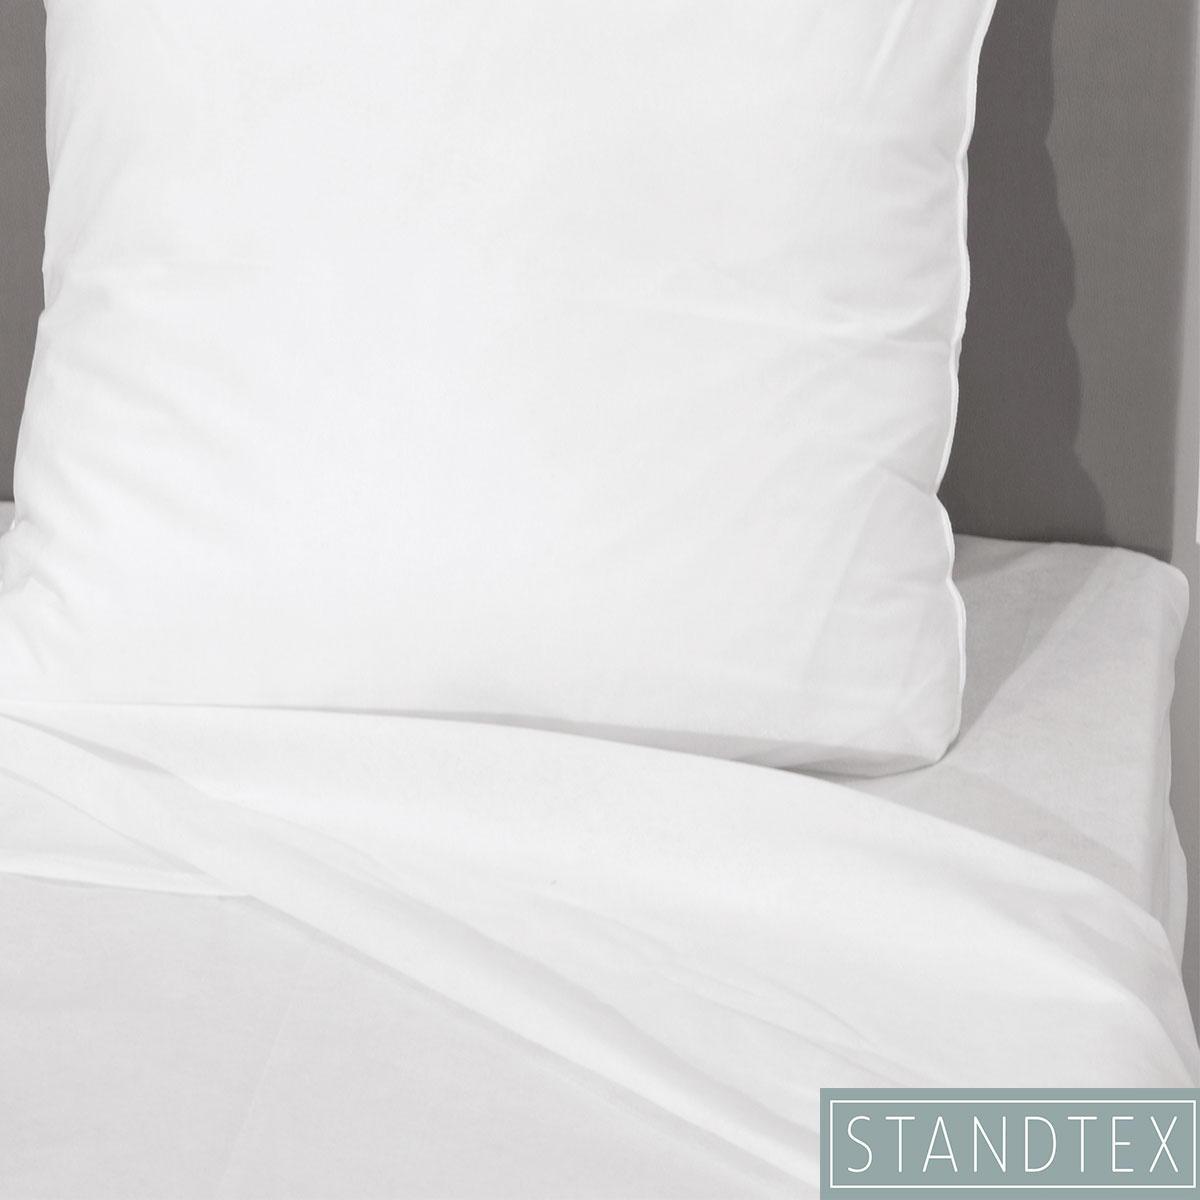 linge de lit jetable Le linge de lit jetable pour professionnels par Standard Textile linge de lit jetable